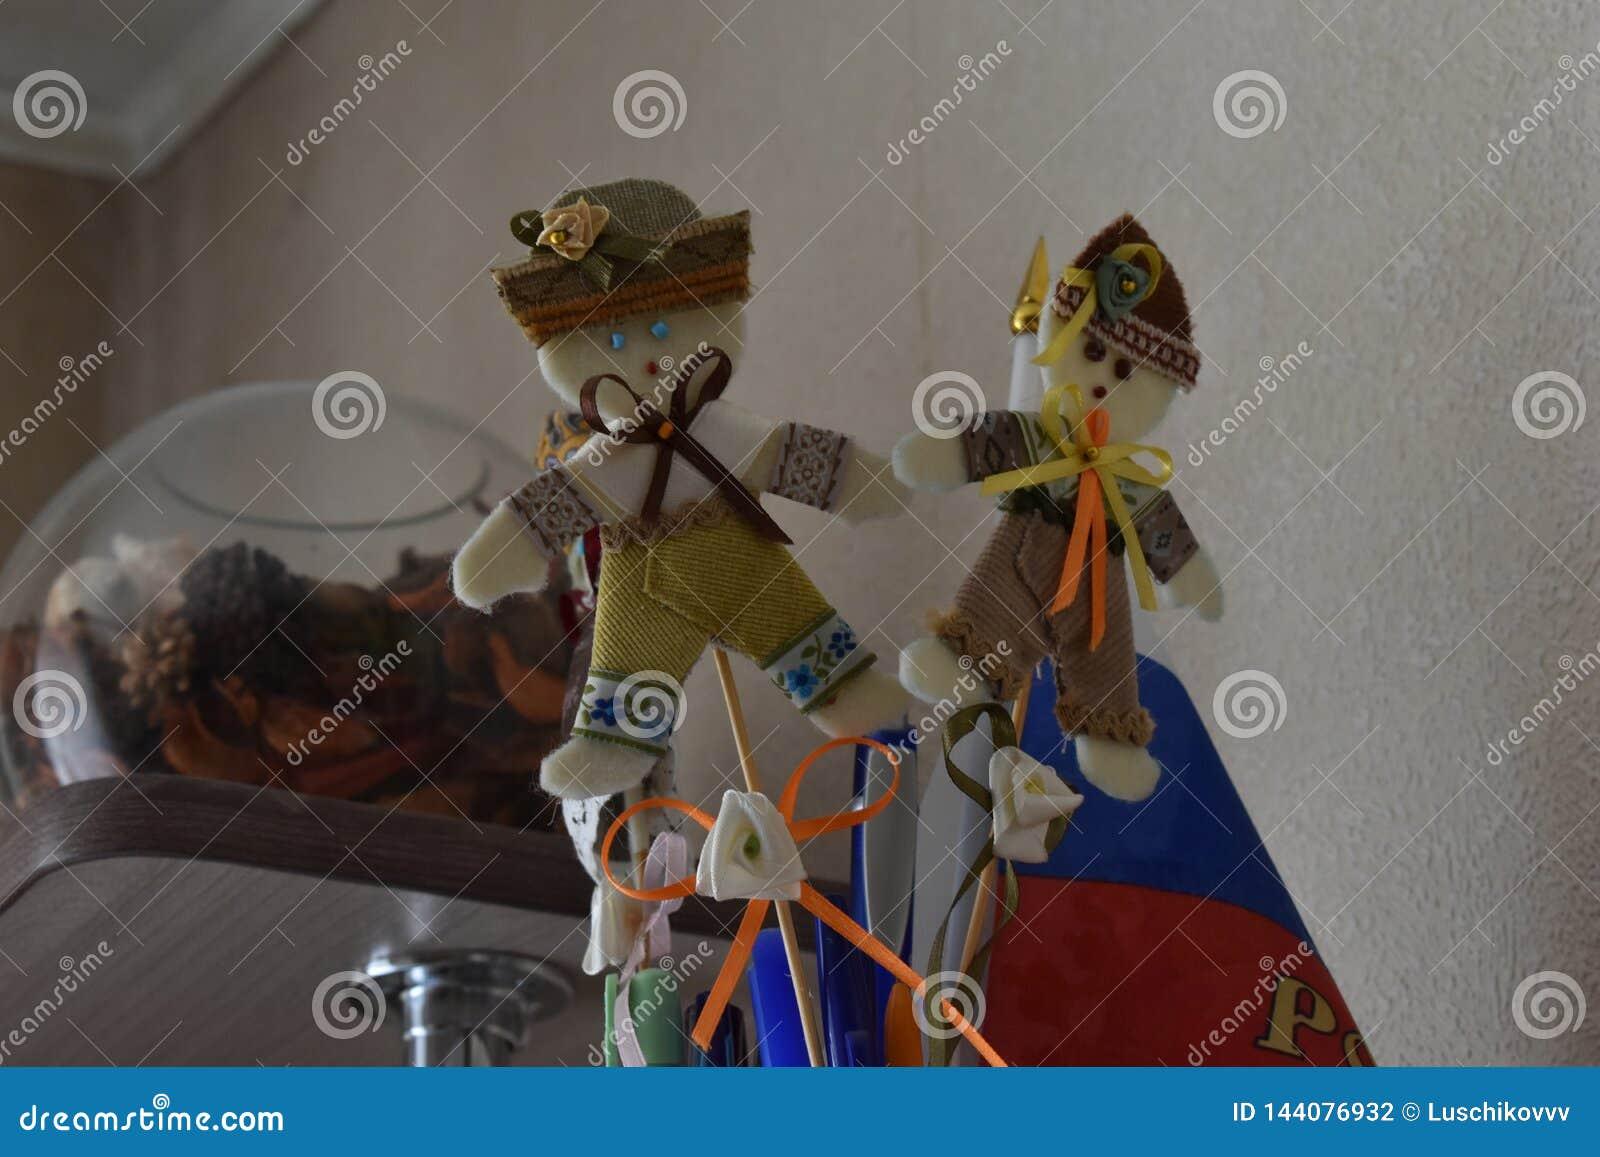 Runder Tanz - Volksflickenpuppe mit seinen Händen